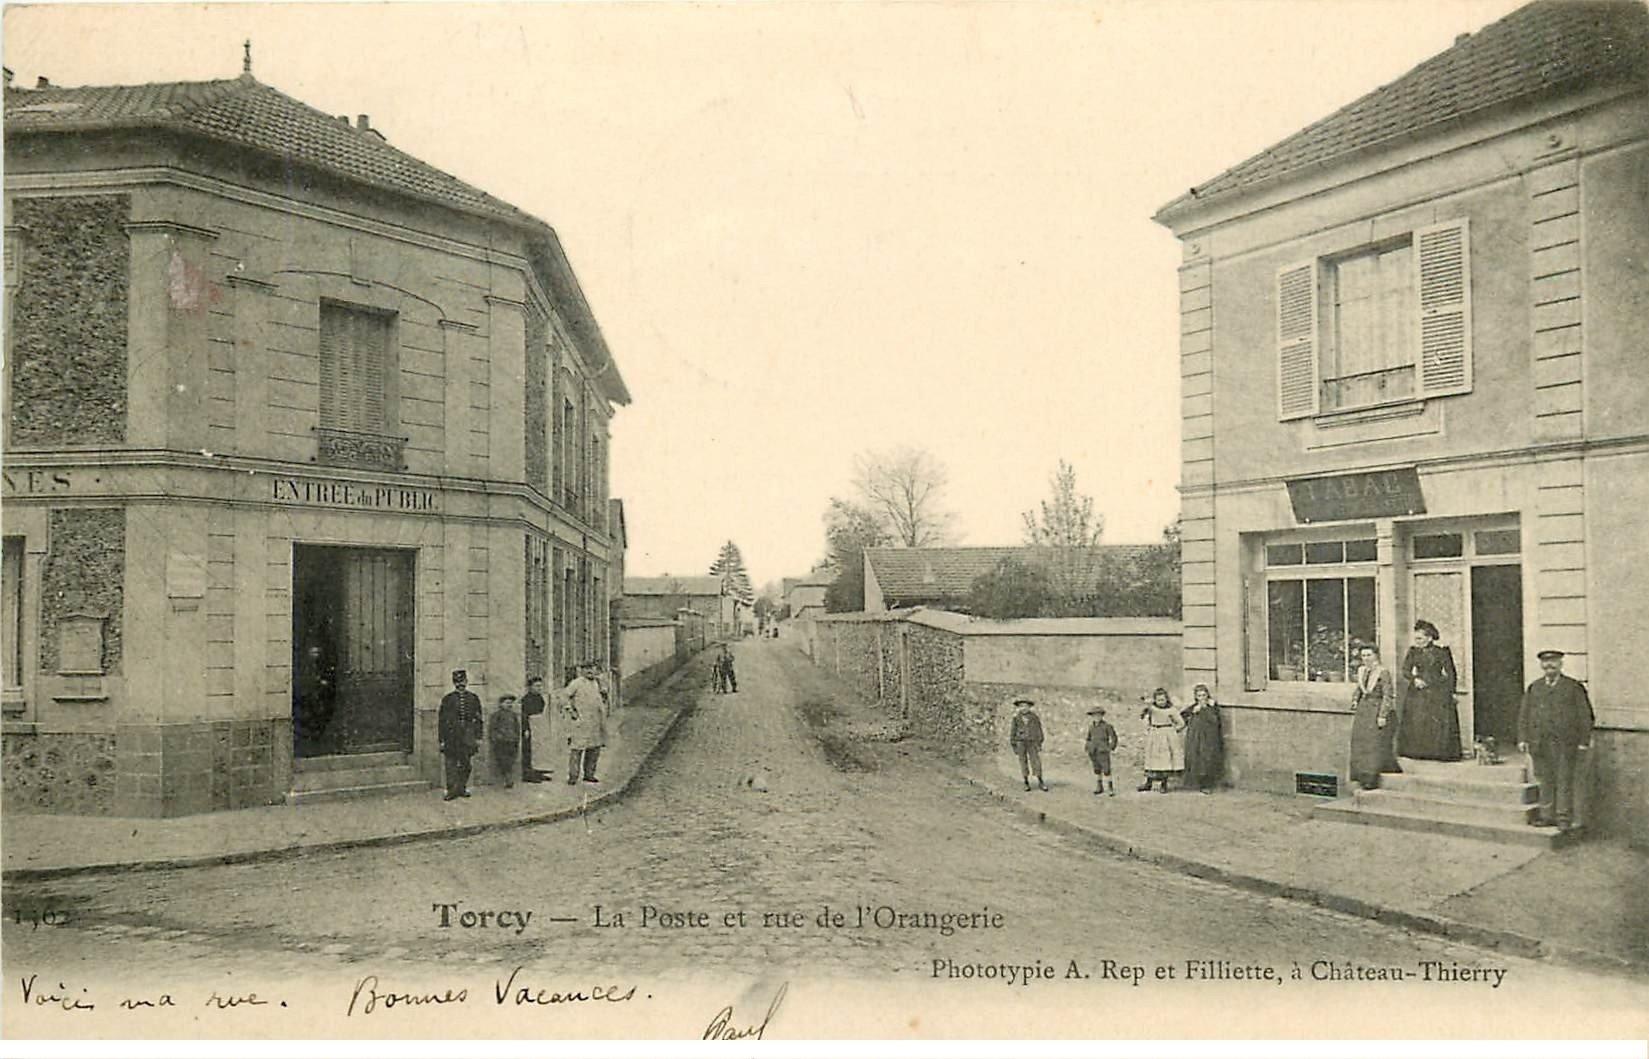 77 torcy la poste rue de l 39 orangerie et tabac 1904 avec facteur - Bureau de poste de torcy ...